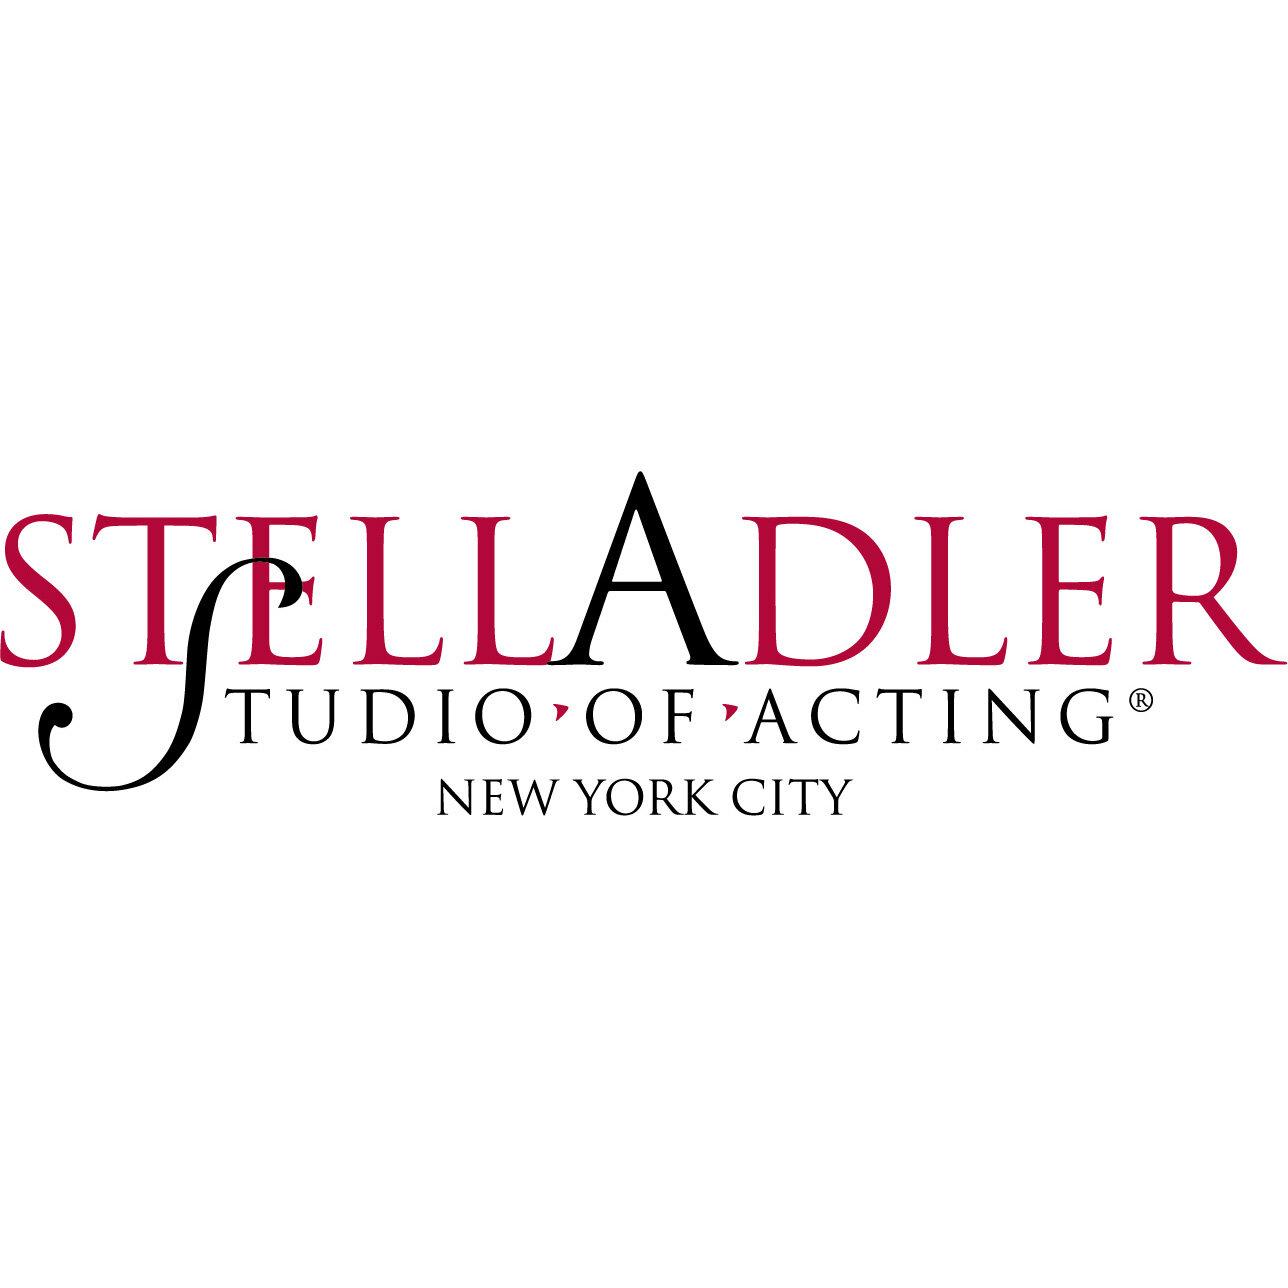 StellaAdler_SquareLogo.jpg